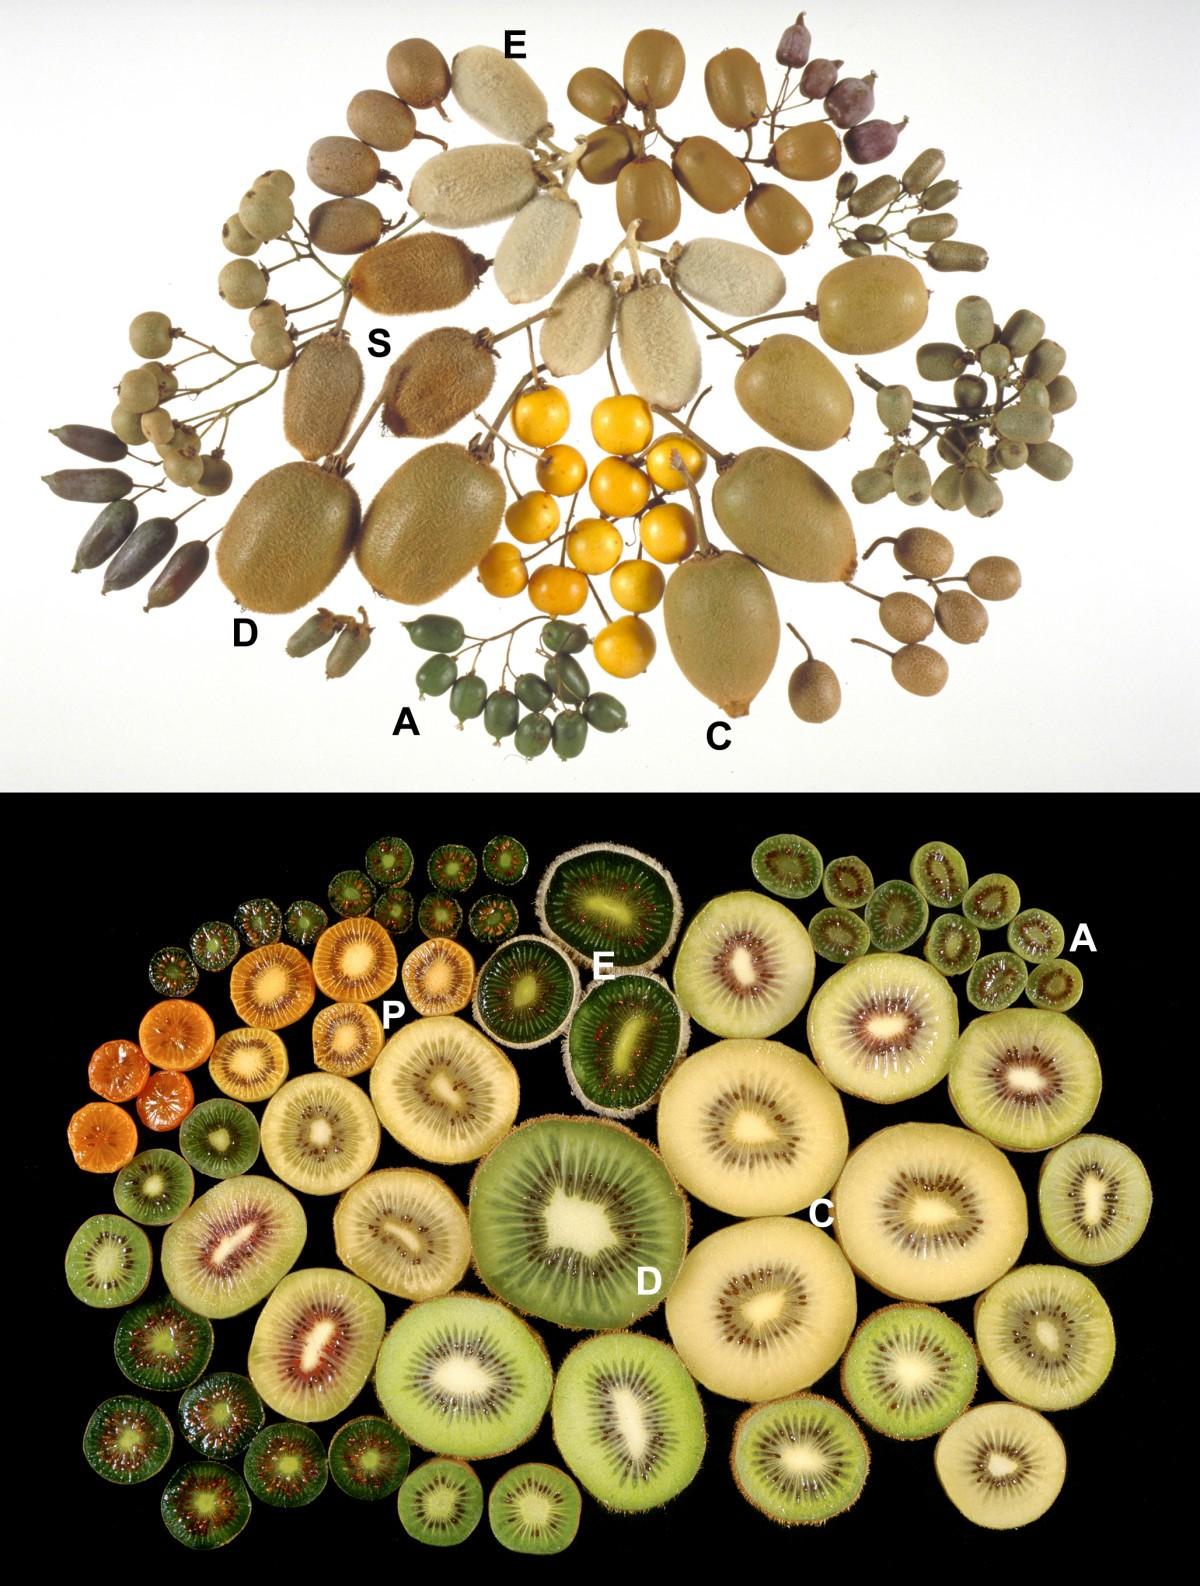 様々なキウイフルーツ